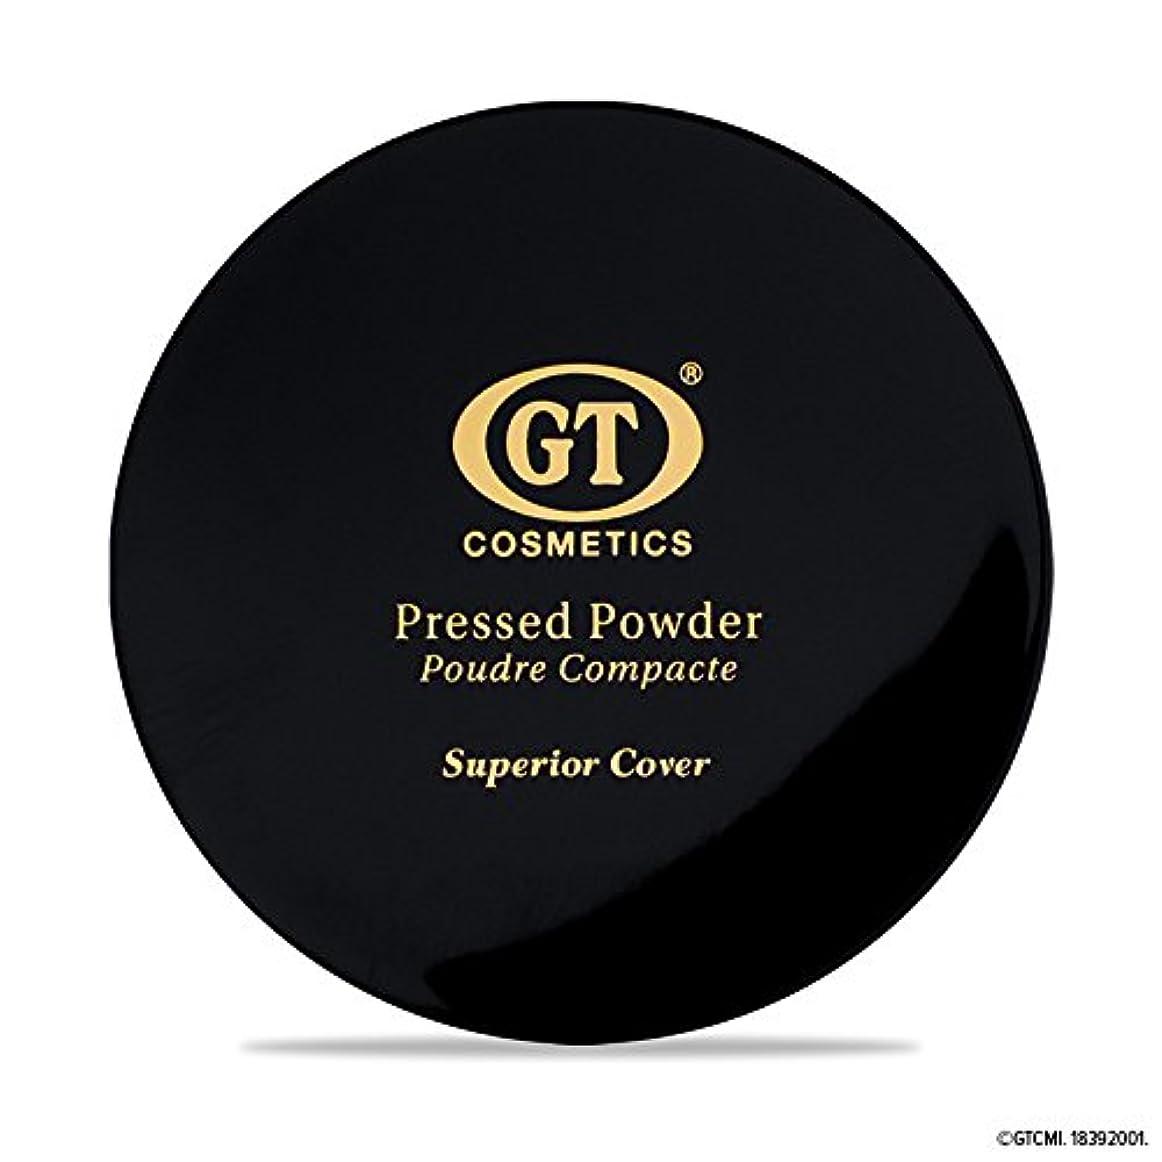 ファーム突破口リブGTpressed powder ライトベージュ SPF20 正規輸入代理店 日本初上陸 コスメティック オーガニック ファンデーション